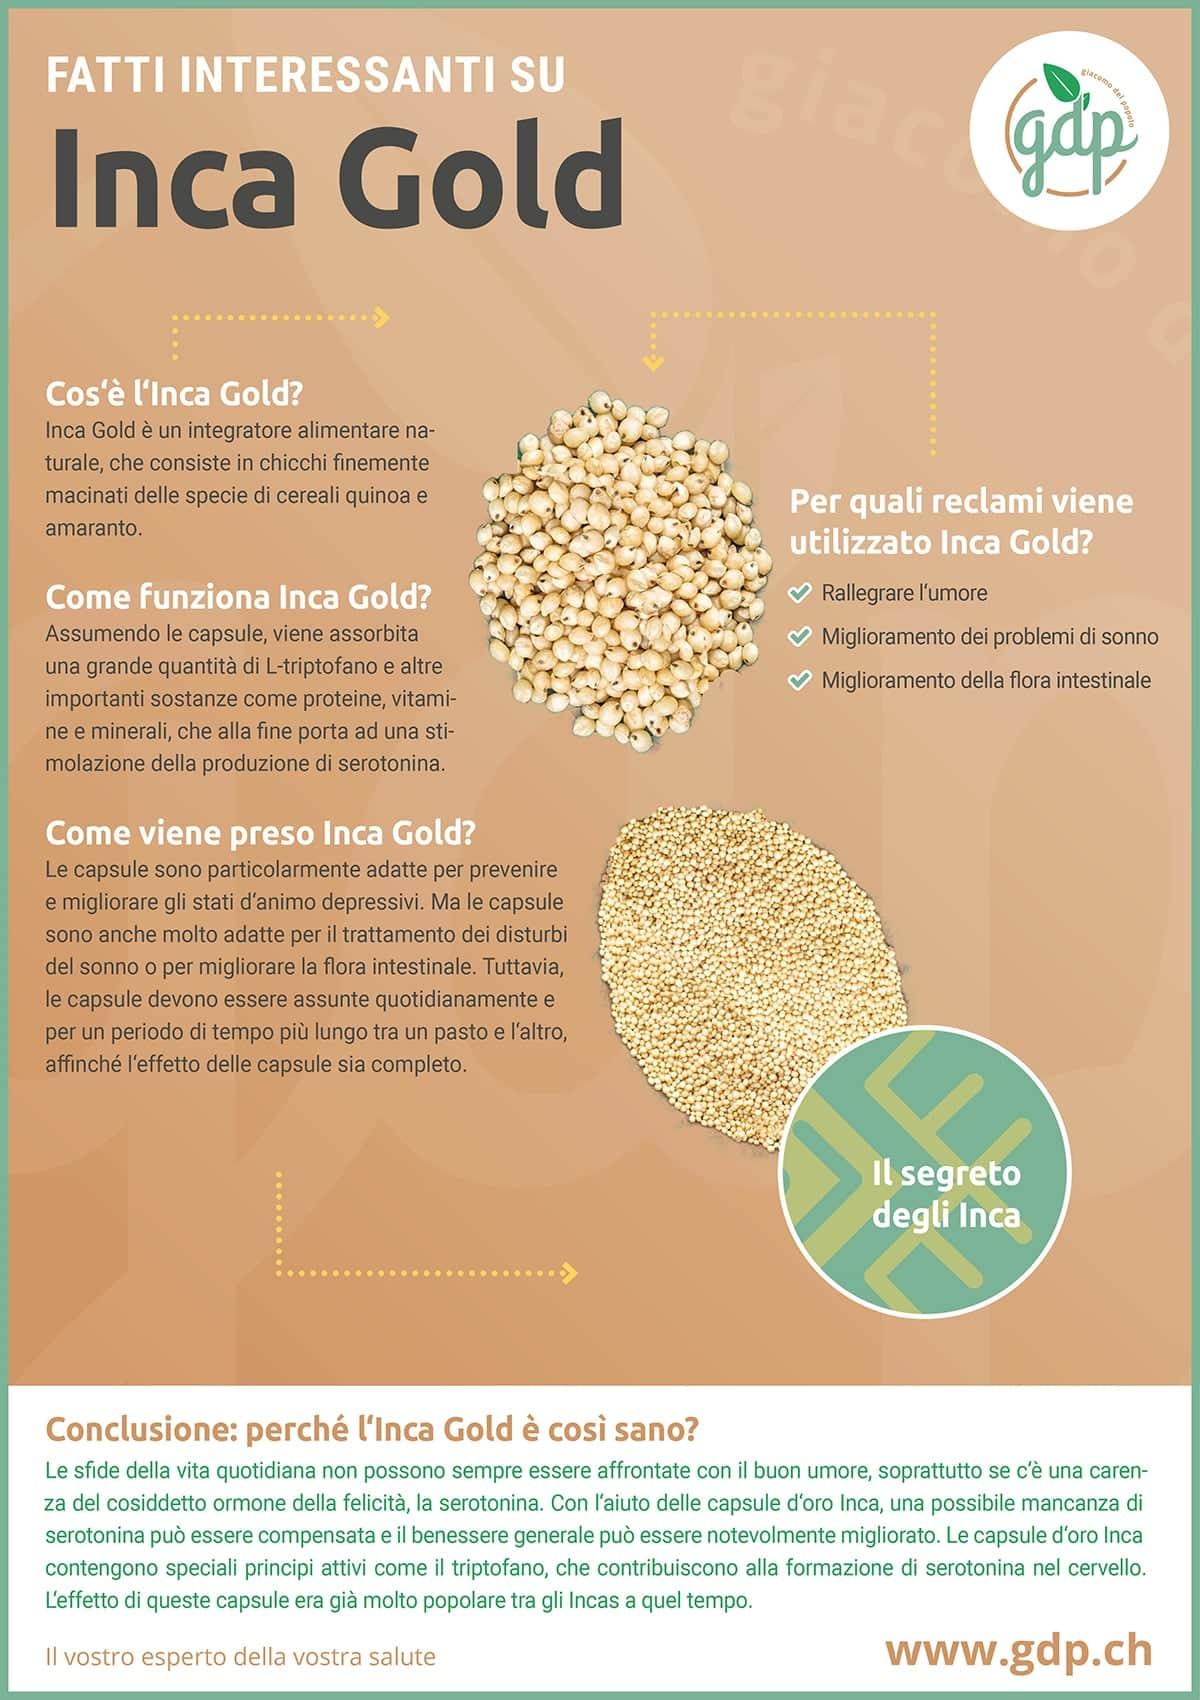 gdp infografica Inca Gold